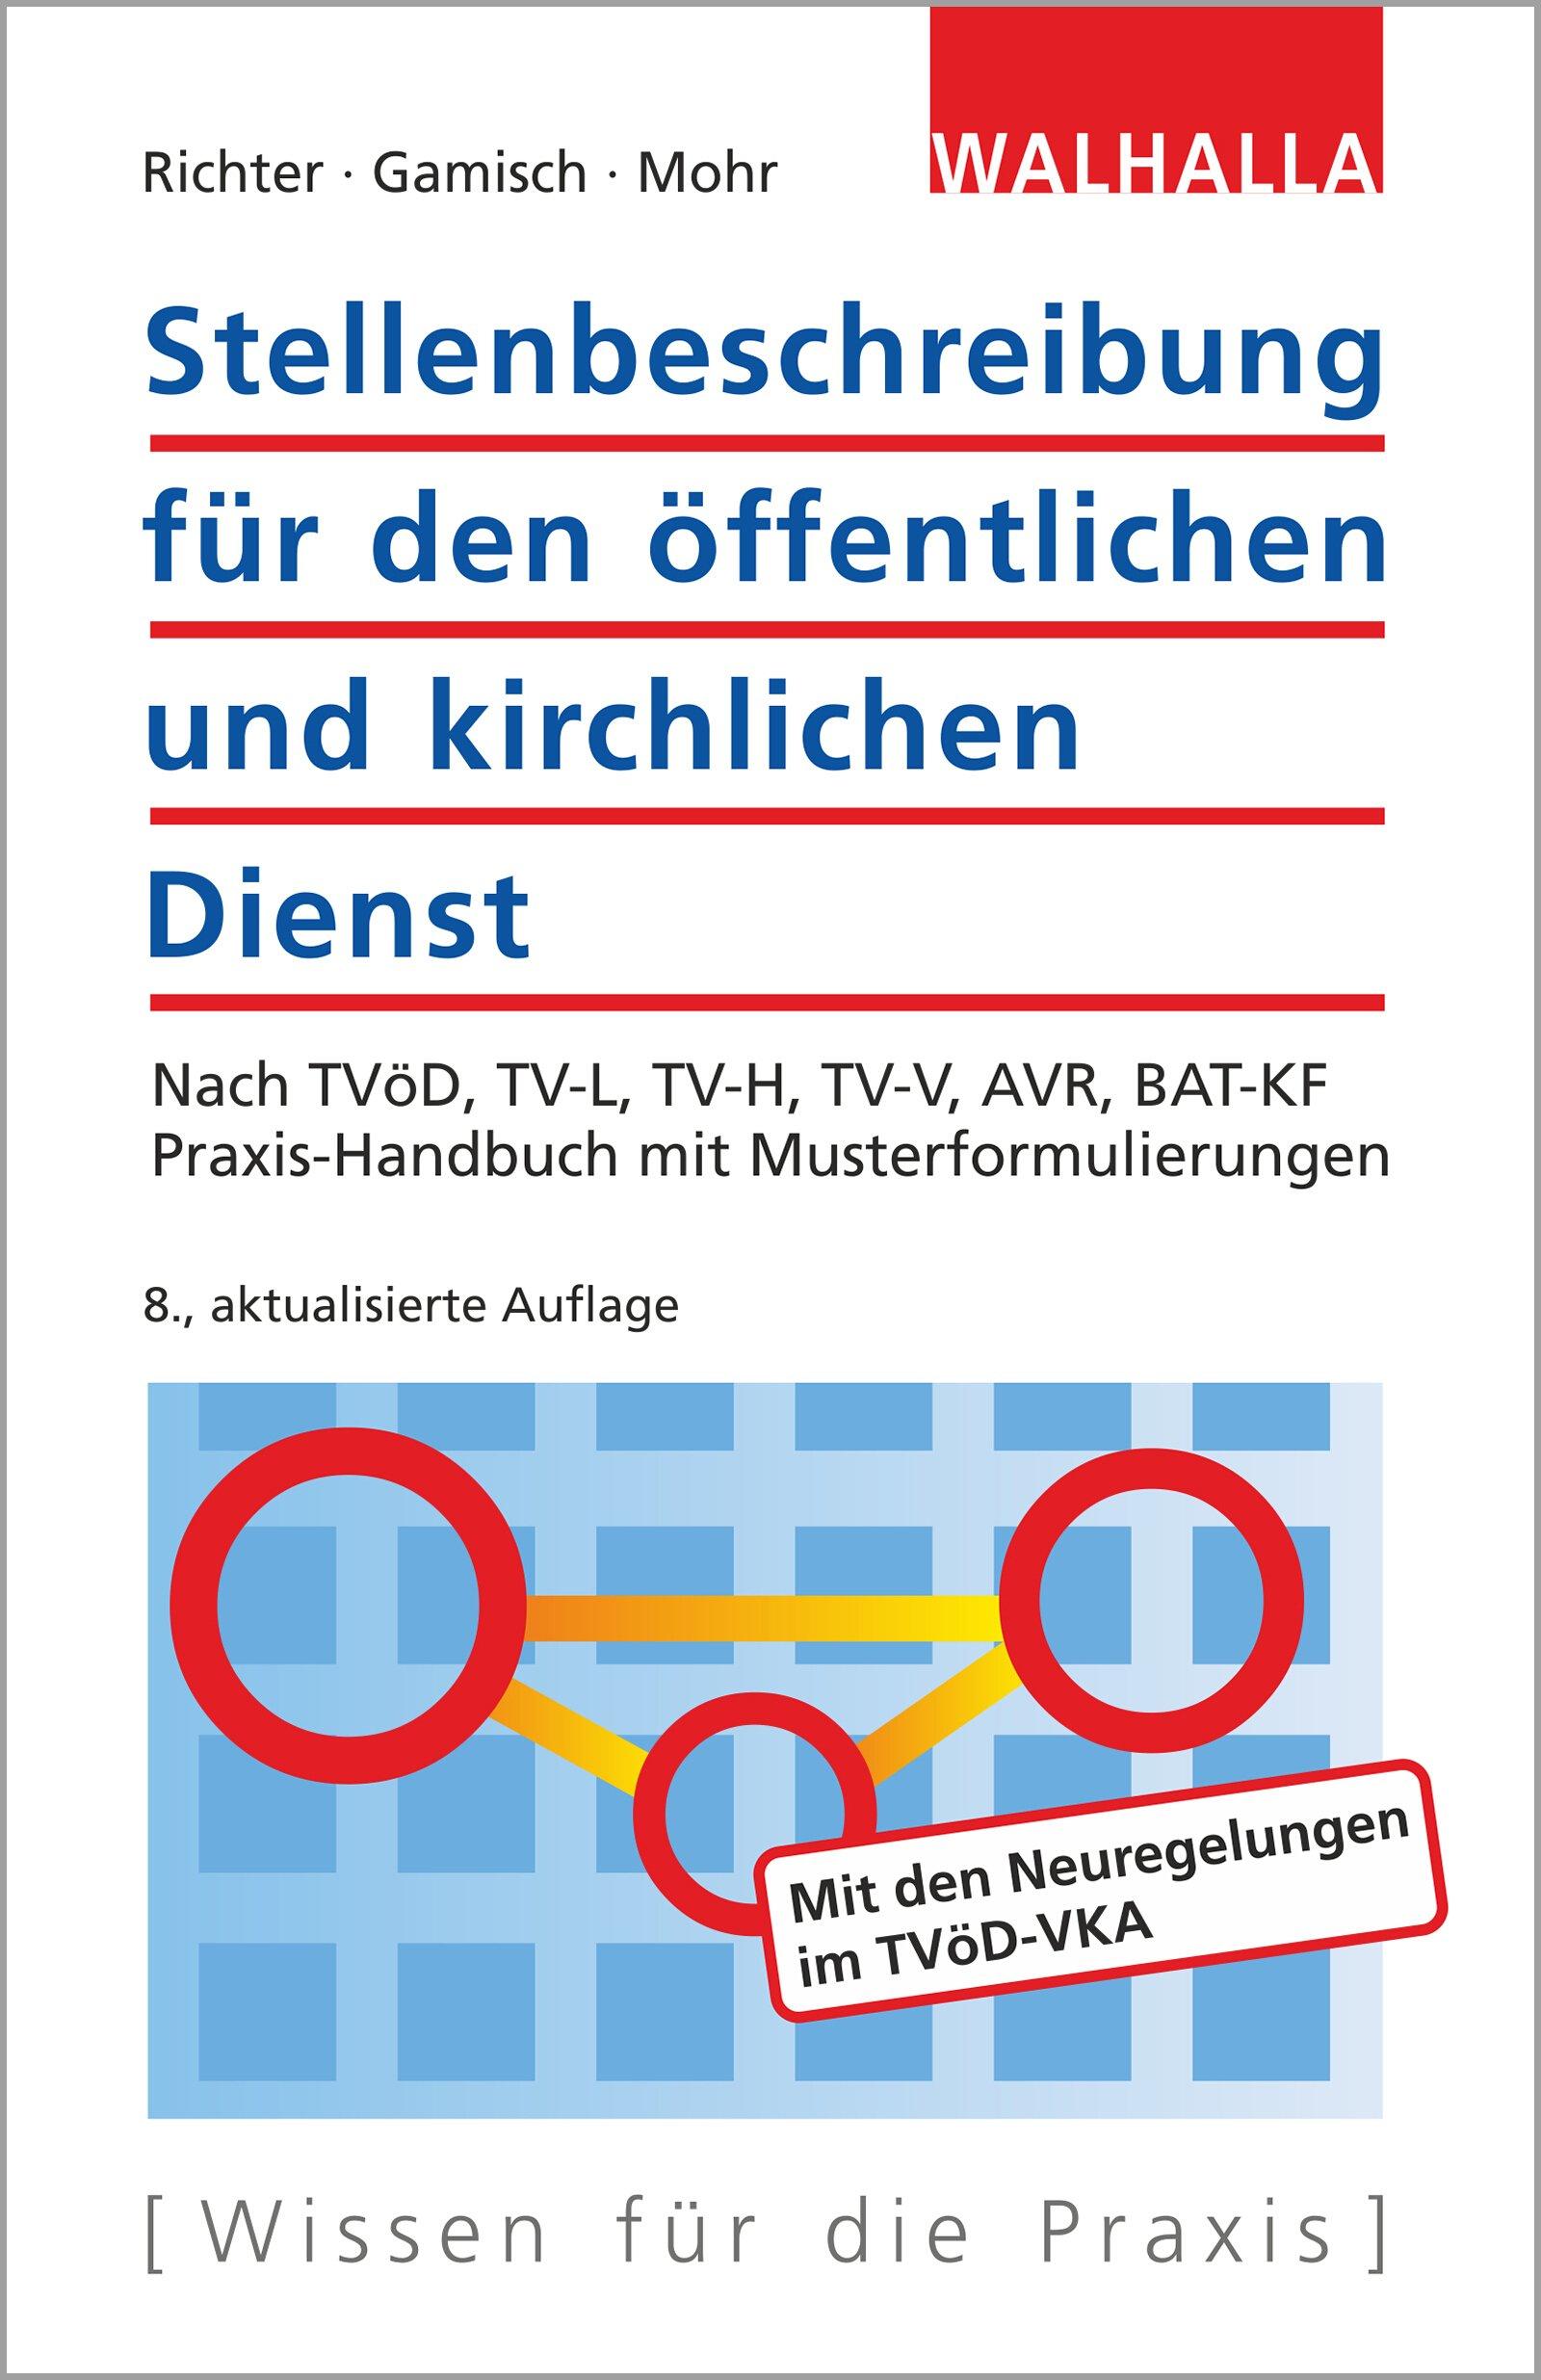 Stellenbeschreibung für den öffentlichen und kirchlichen Dienst: Nach TVöD, TV-L, TV-H, TV-V, AVR, BAT-KF; Praxishandbuch mit Musterformulierungen